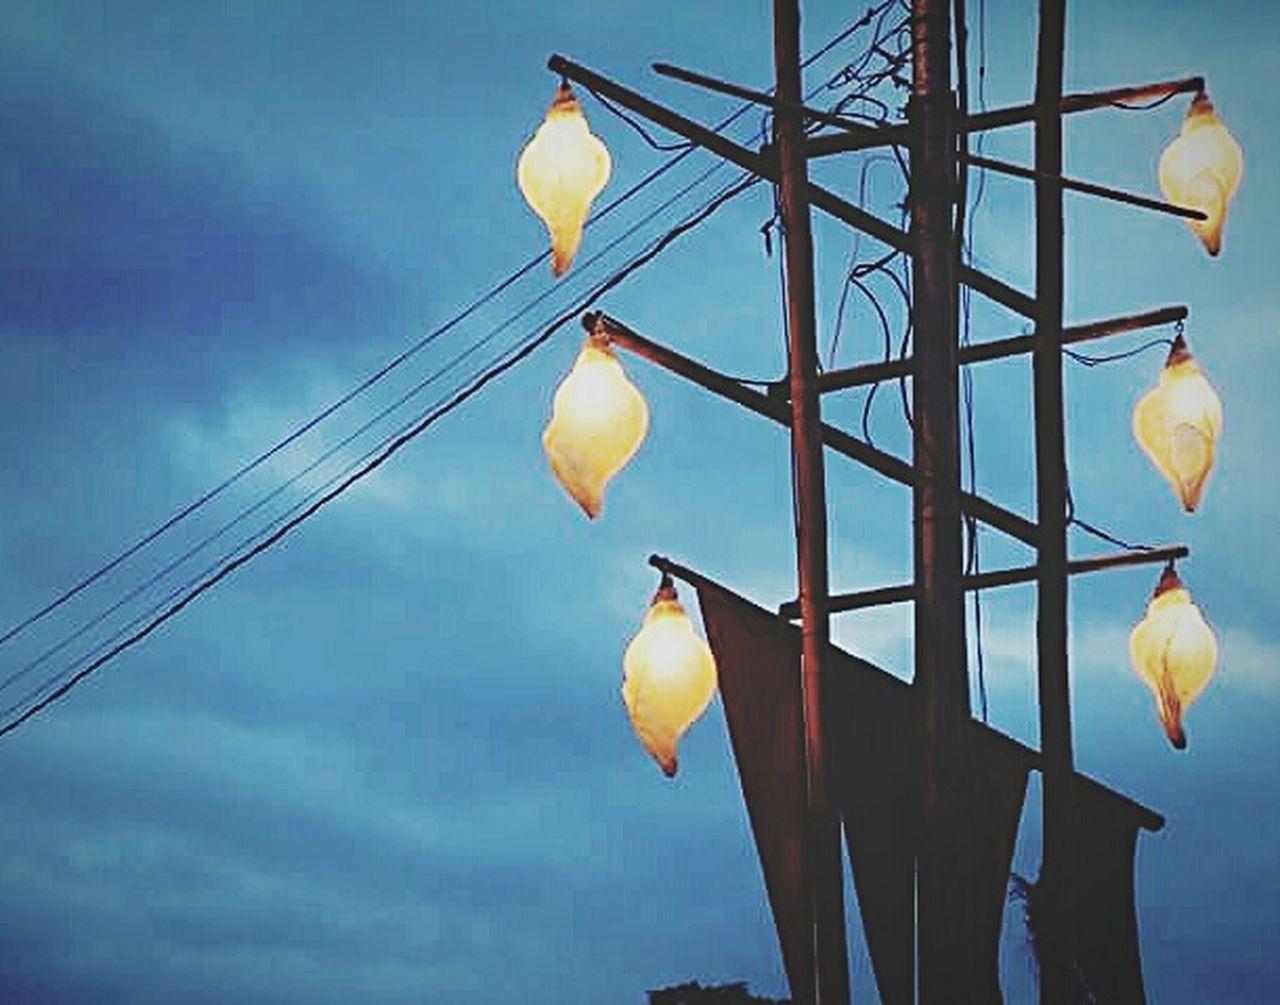 Dusk and light Blue Lantern Outdoors Sky Dusk Sky Dusk In The City Dramatic Sky Hanging Dusk